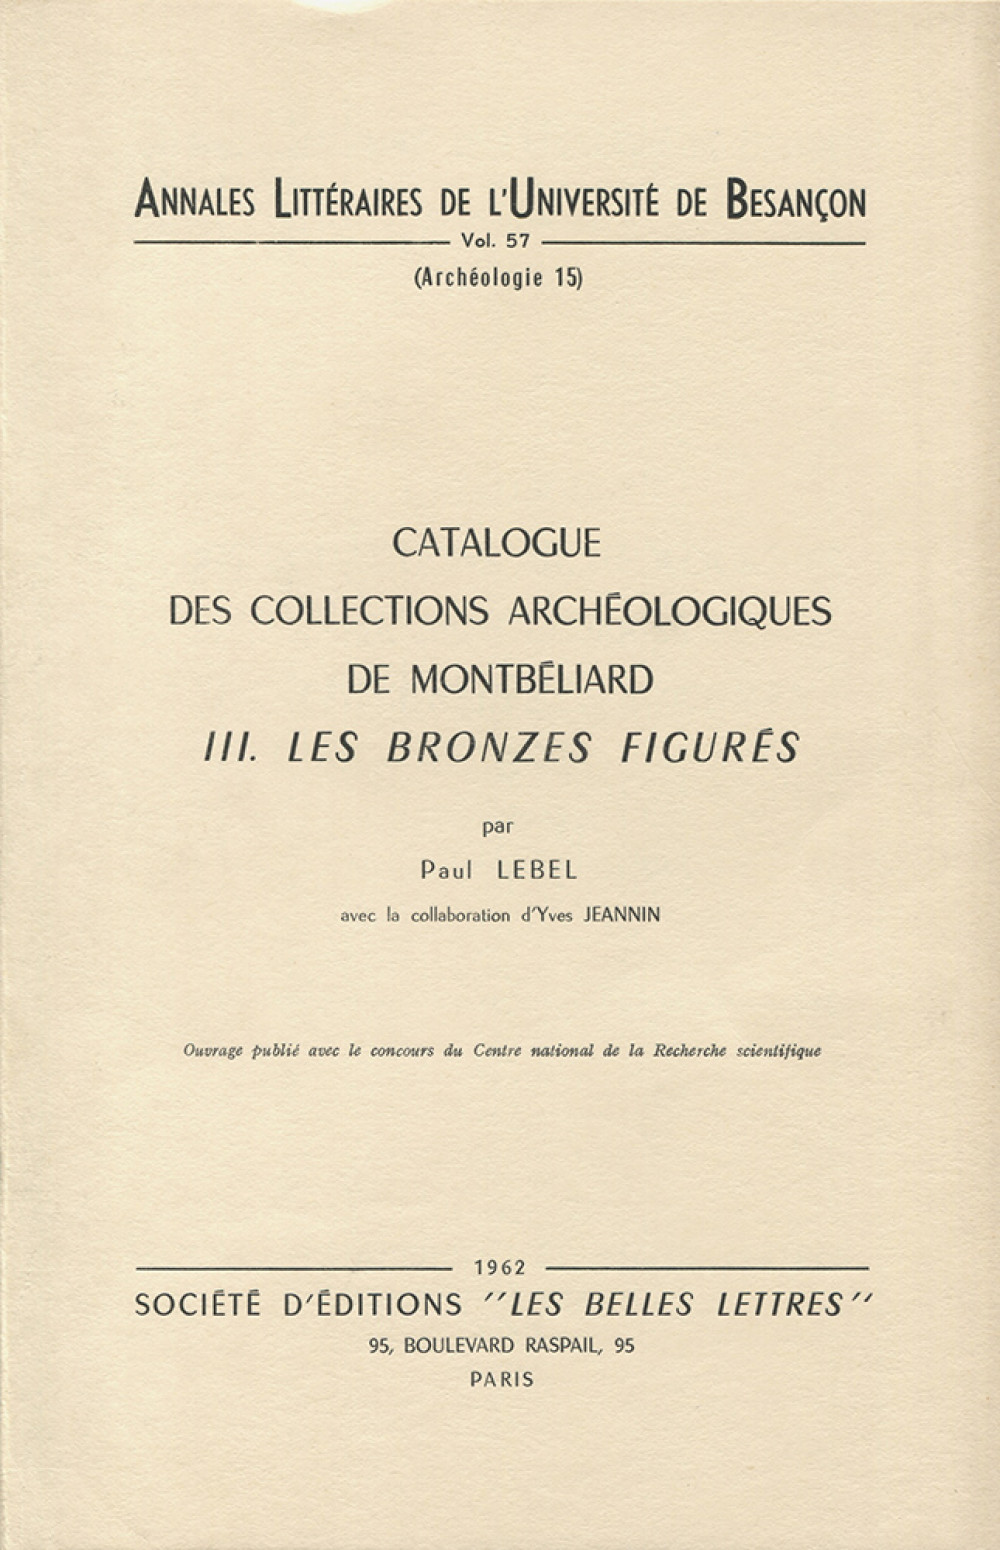 Catalogue des collections archéologiques de Montbéliard III